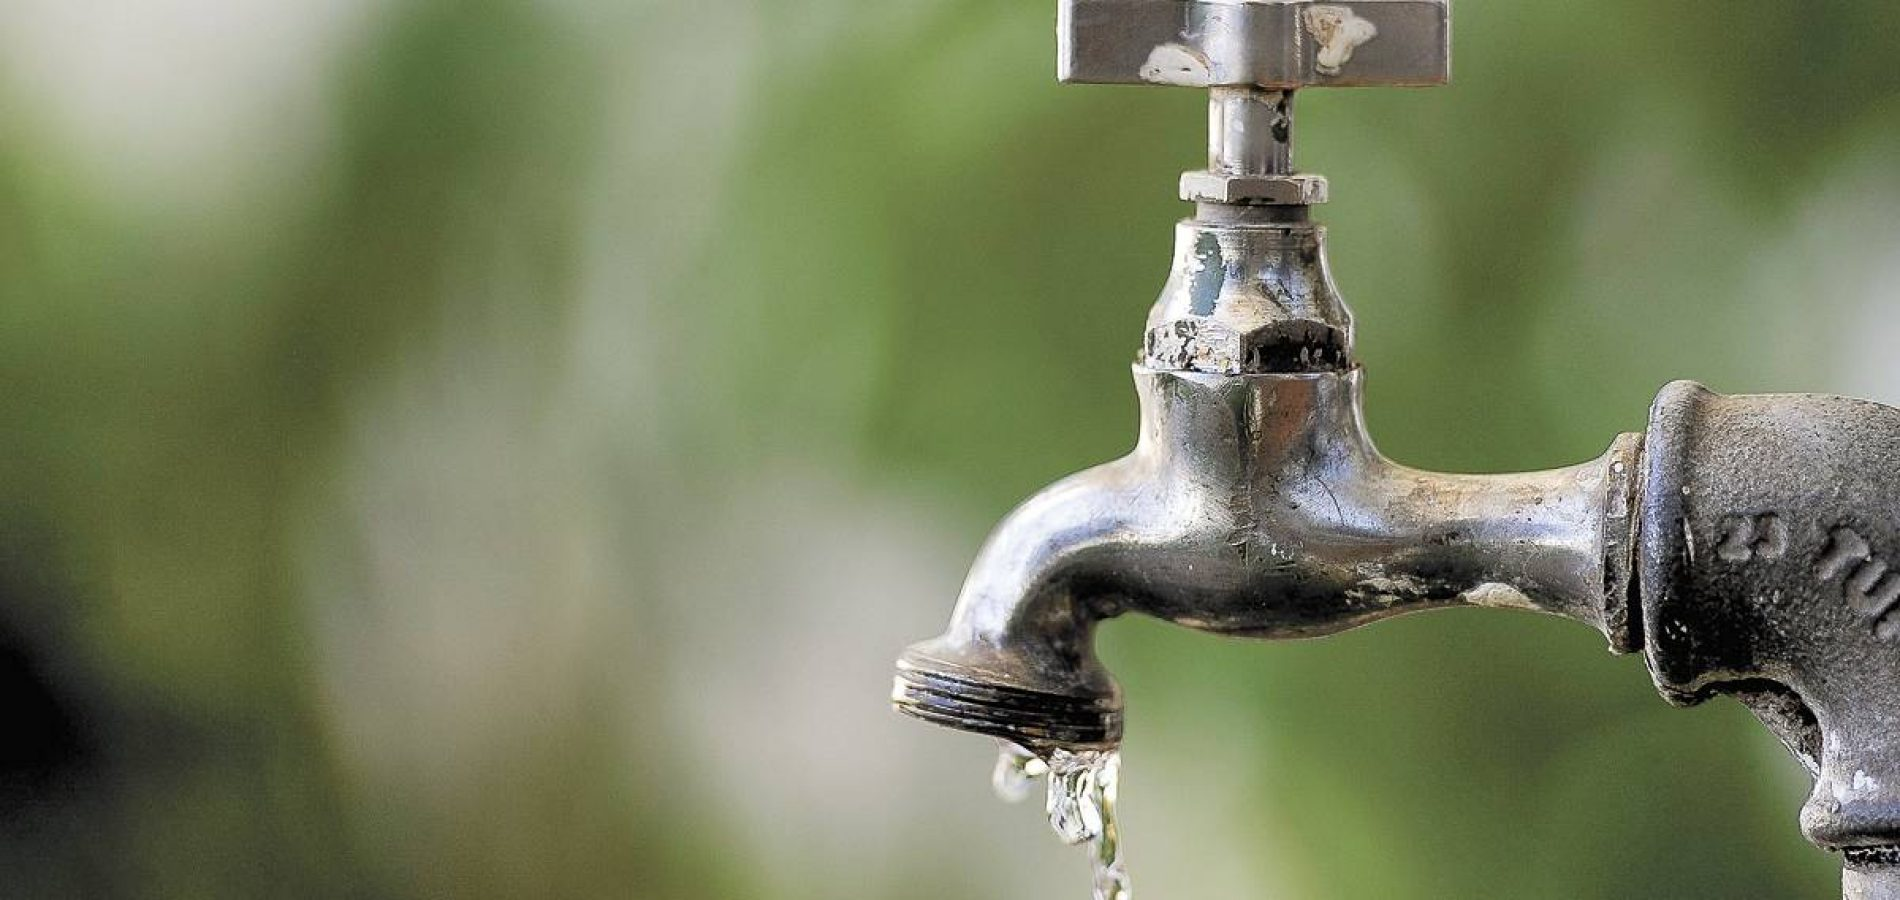 Água potável perdida diariamente equivale a 7 mil piscinas olímpicas, aponta estudo